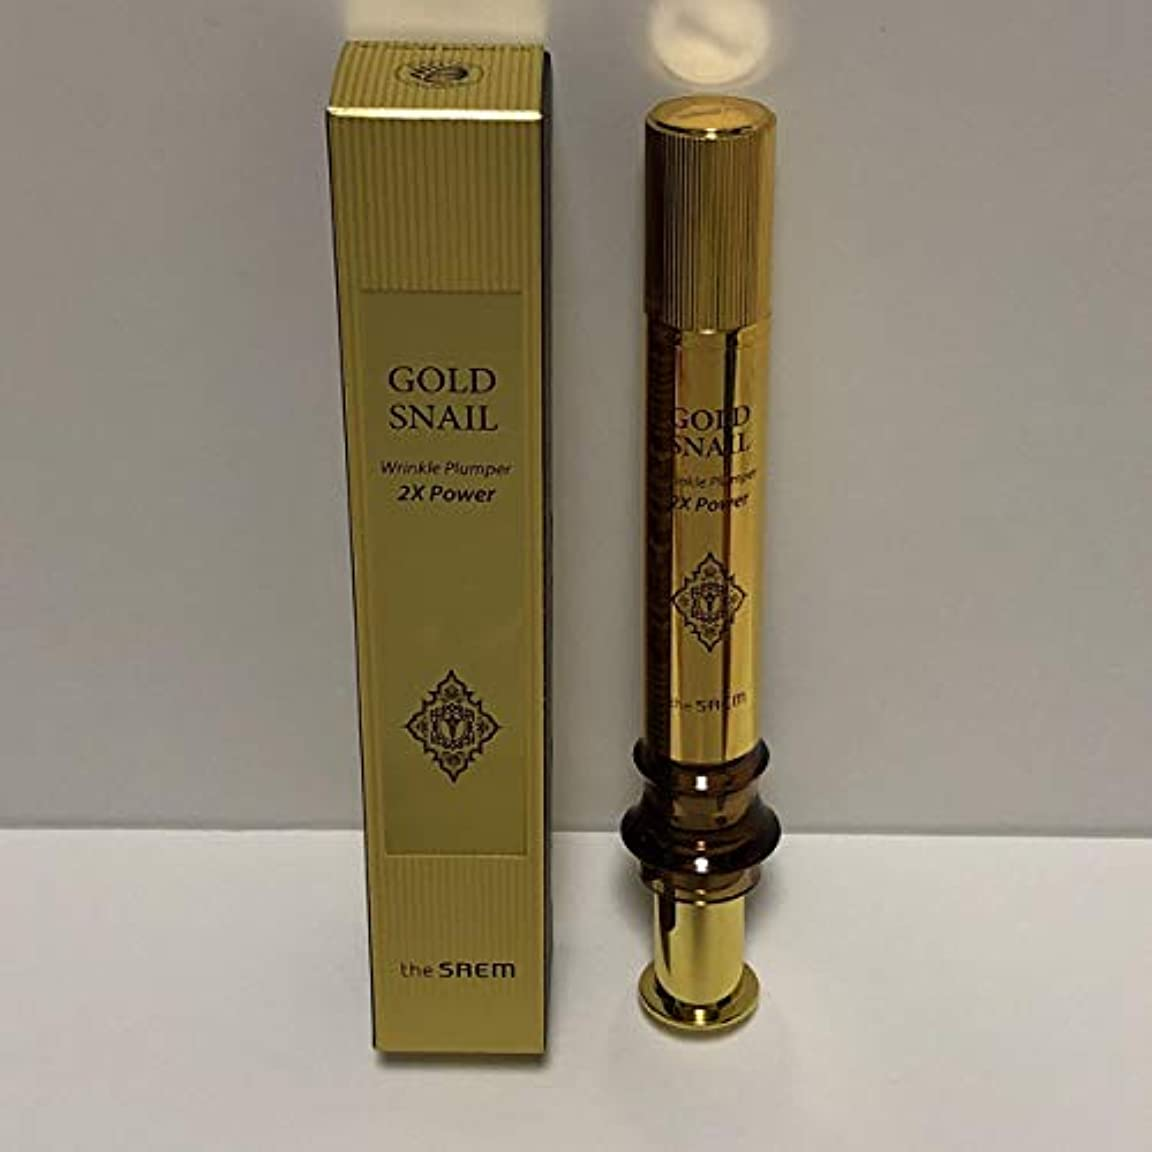 アグネスグレイ帳面全国The Saem Gold Snail Wrinkle Plumper 2X Power 12ml / ザセム ゴールド カタツムリ リンクル プルーパー2Xパワー [並行輸入品]